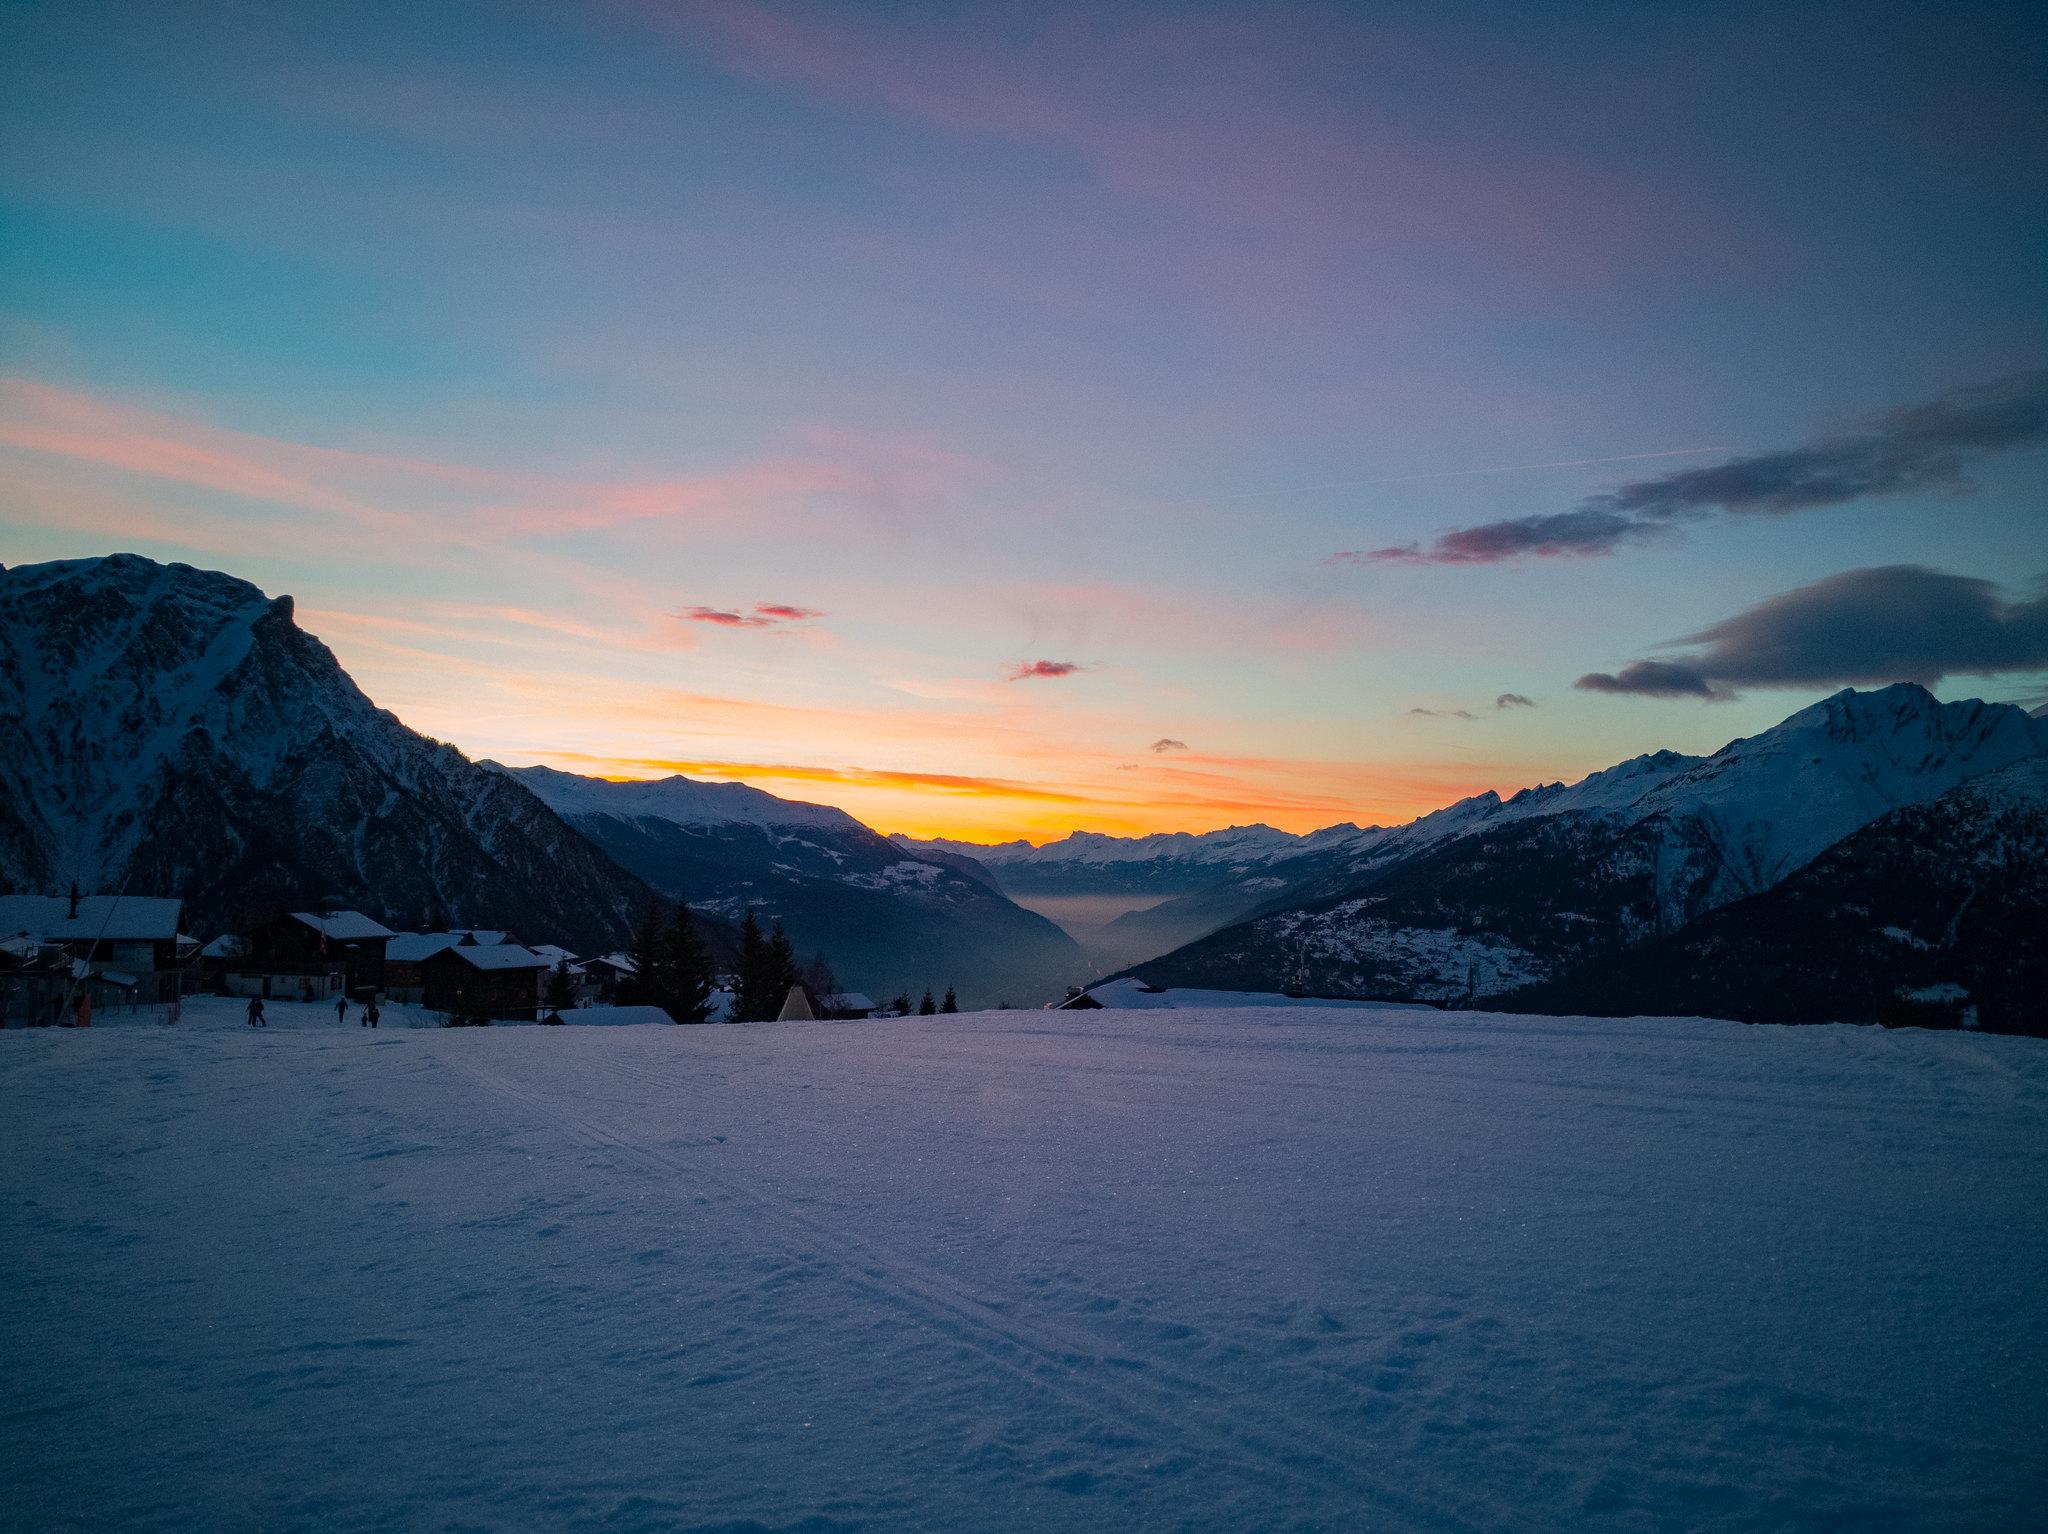 Sonnenuntergang auf Rosswald im Winter